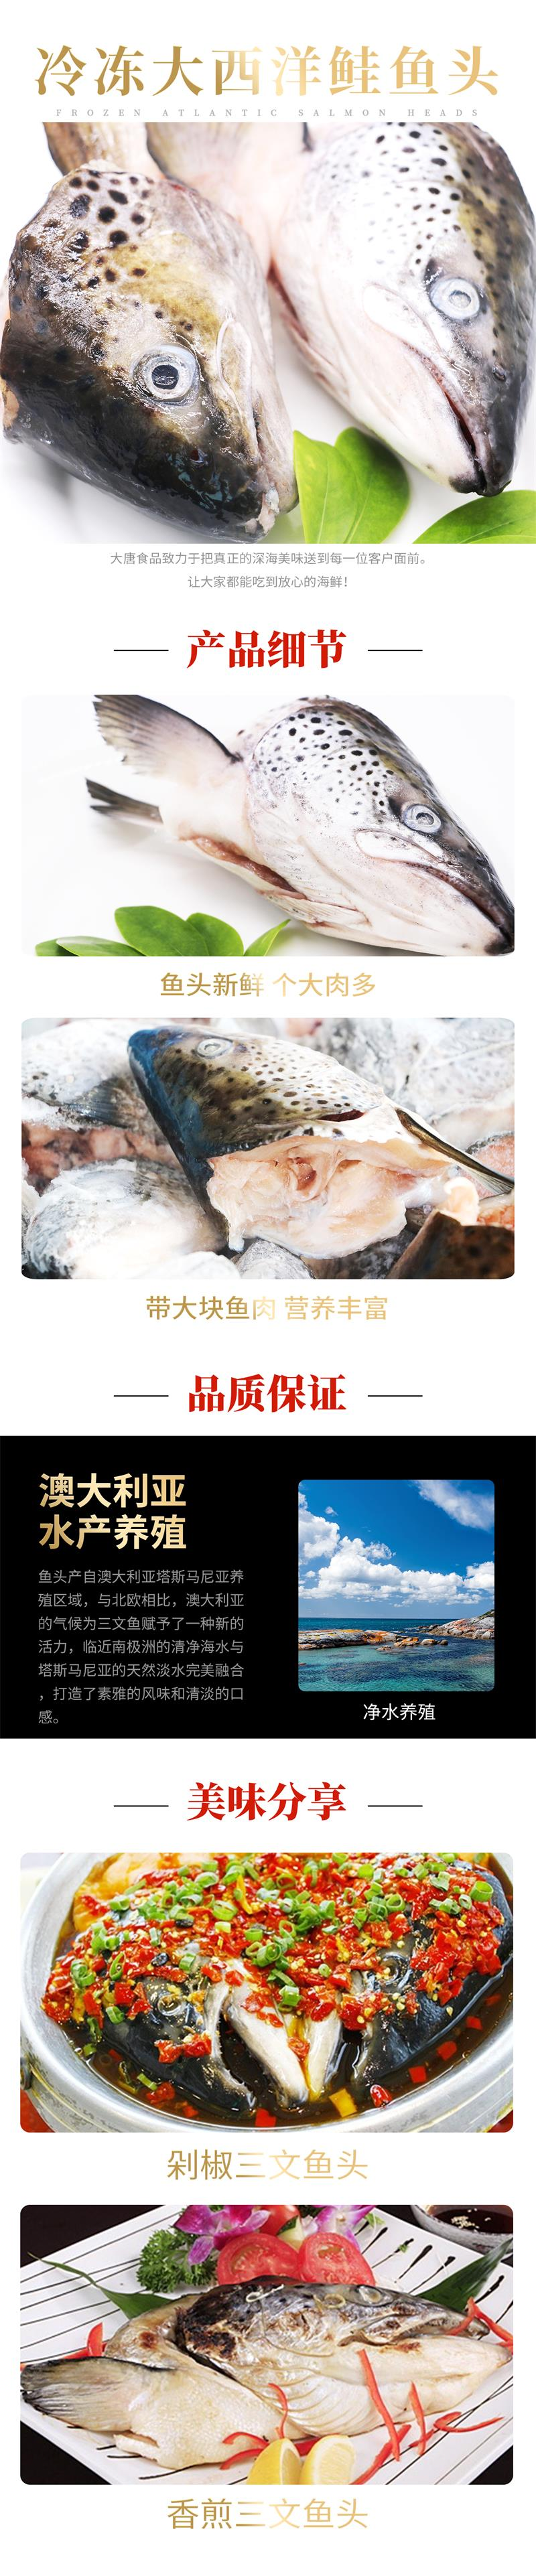 冷冻大西洋鲑鱼头详情页.jpg